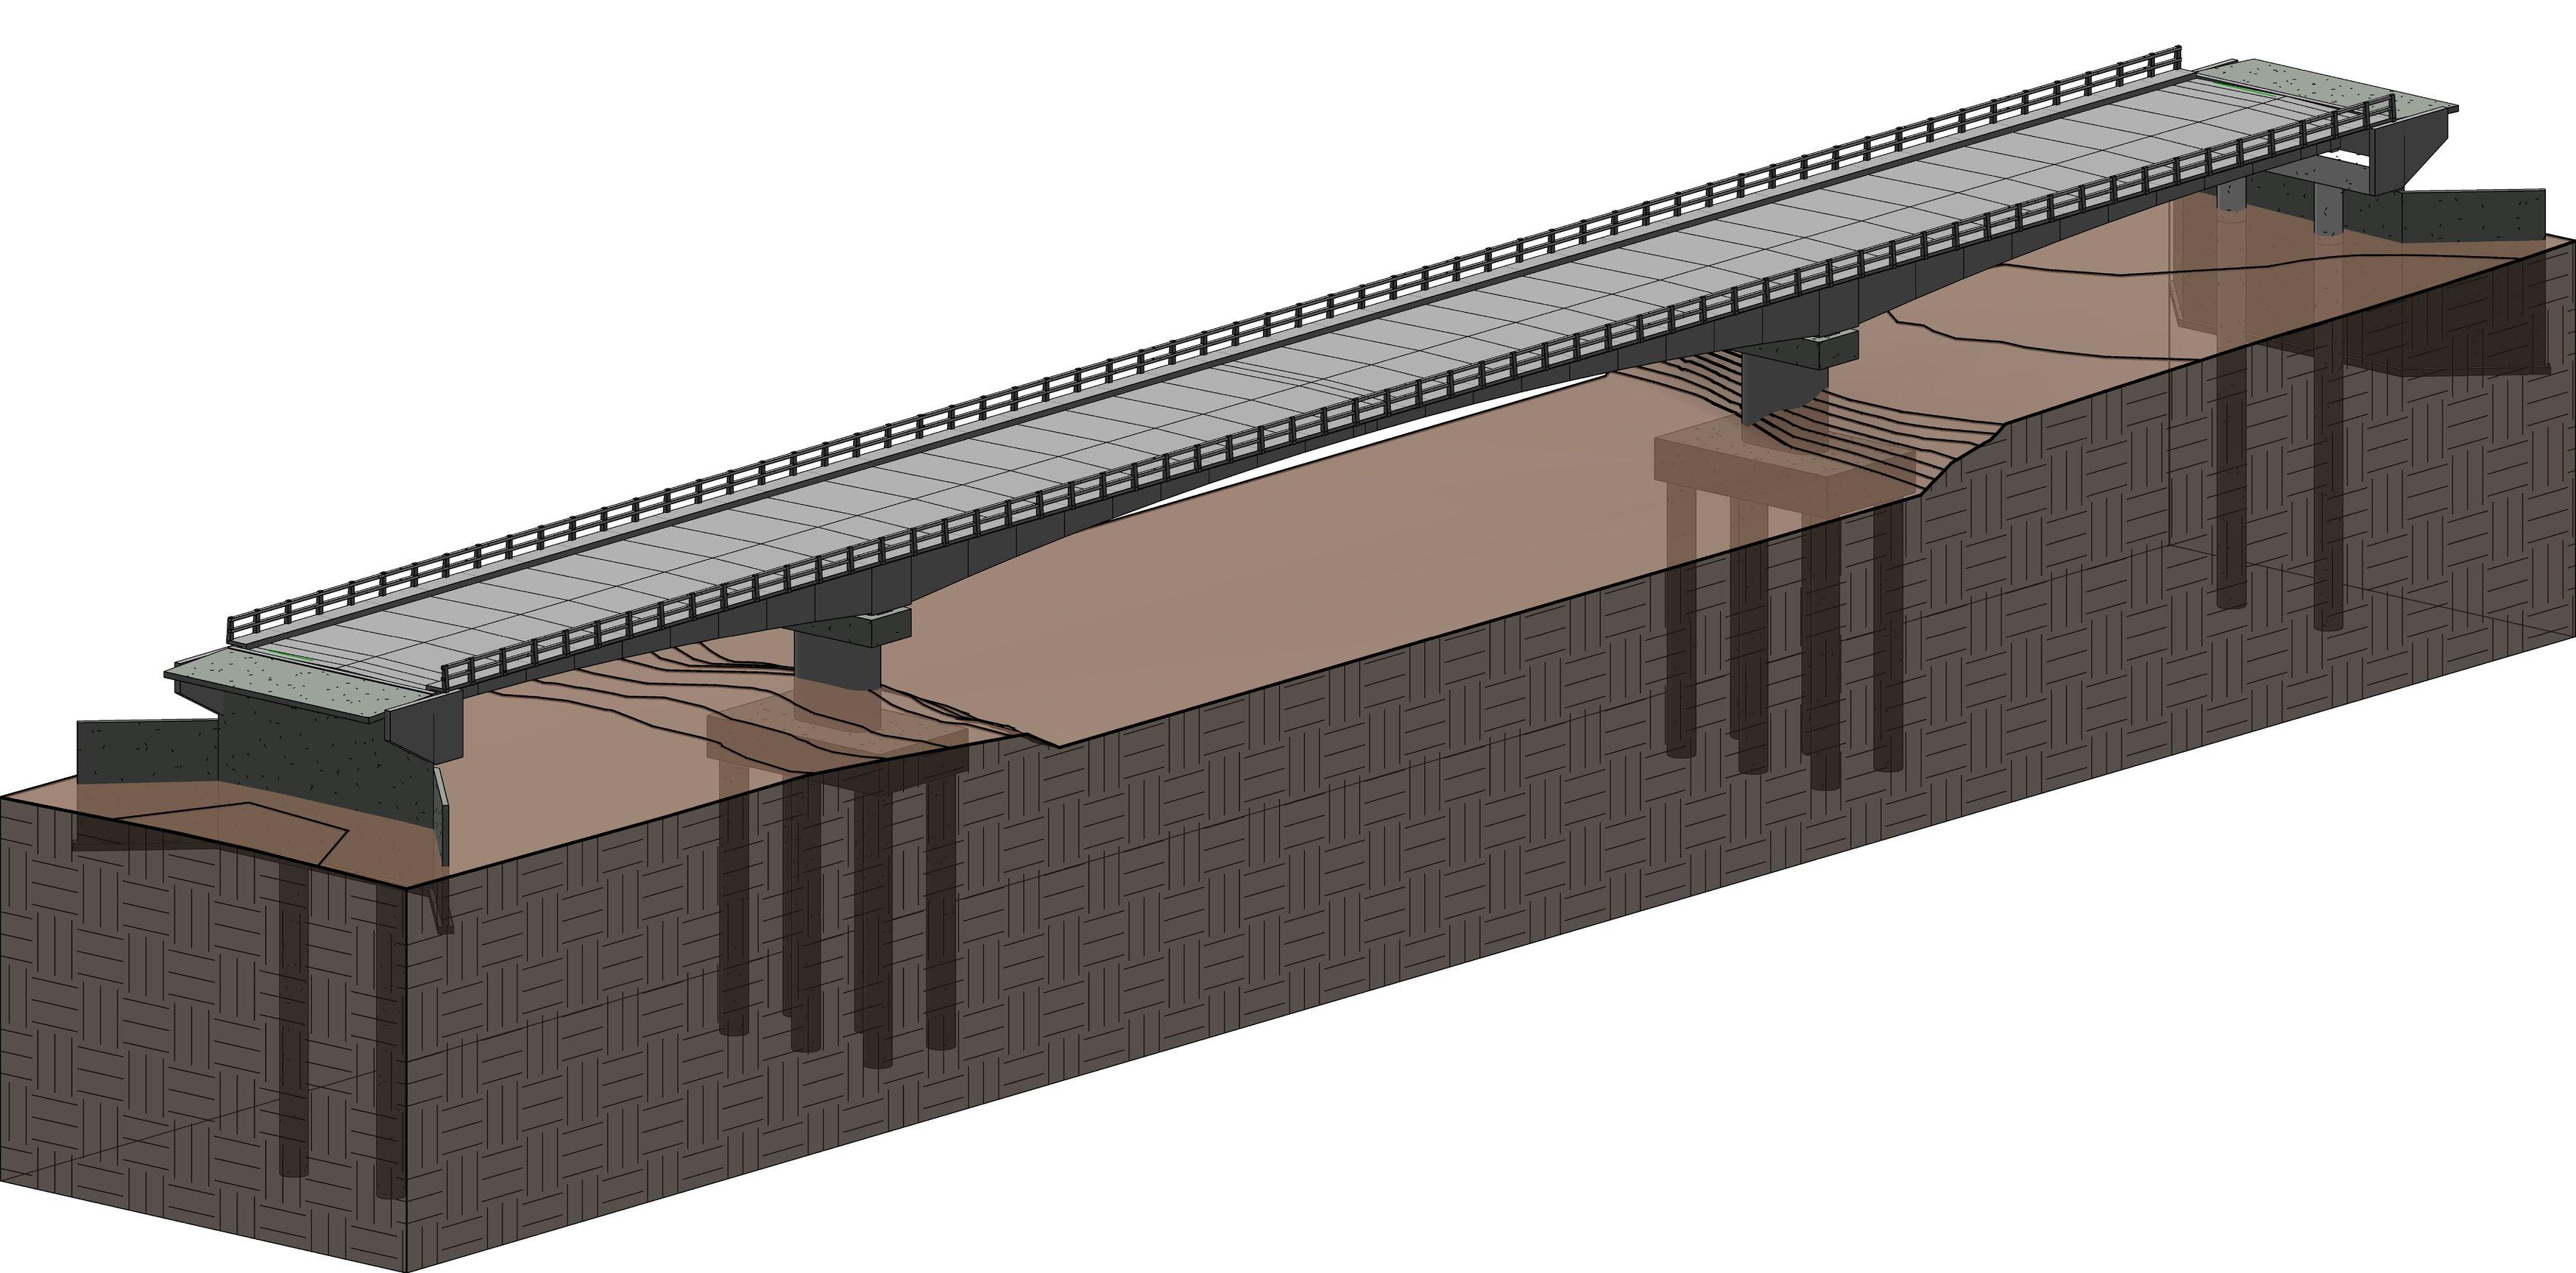 133---modelo-puente-rev28-3500-3500